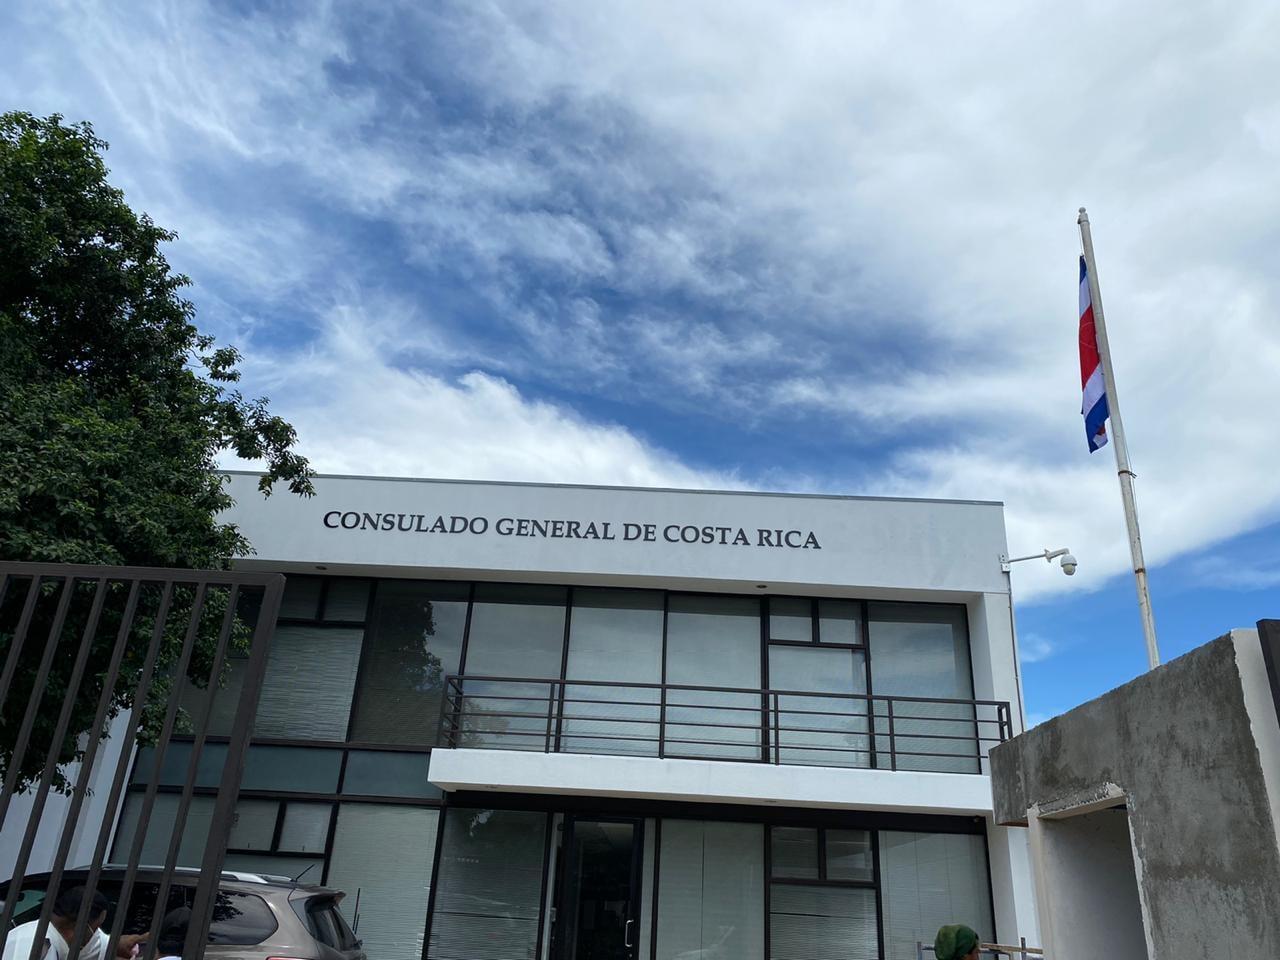 Ticos reactivan atención para solicitar visas Managua. Radio La Primerísima